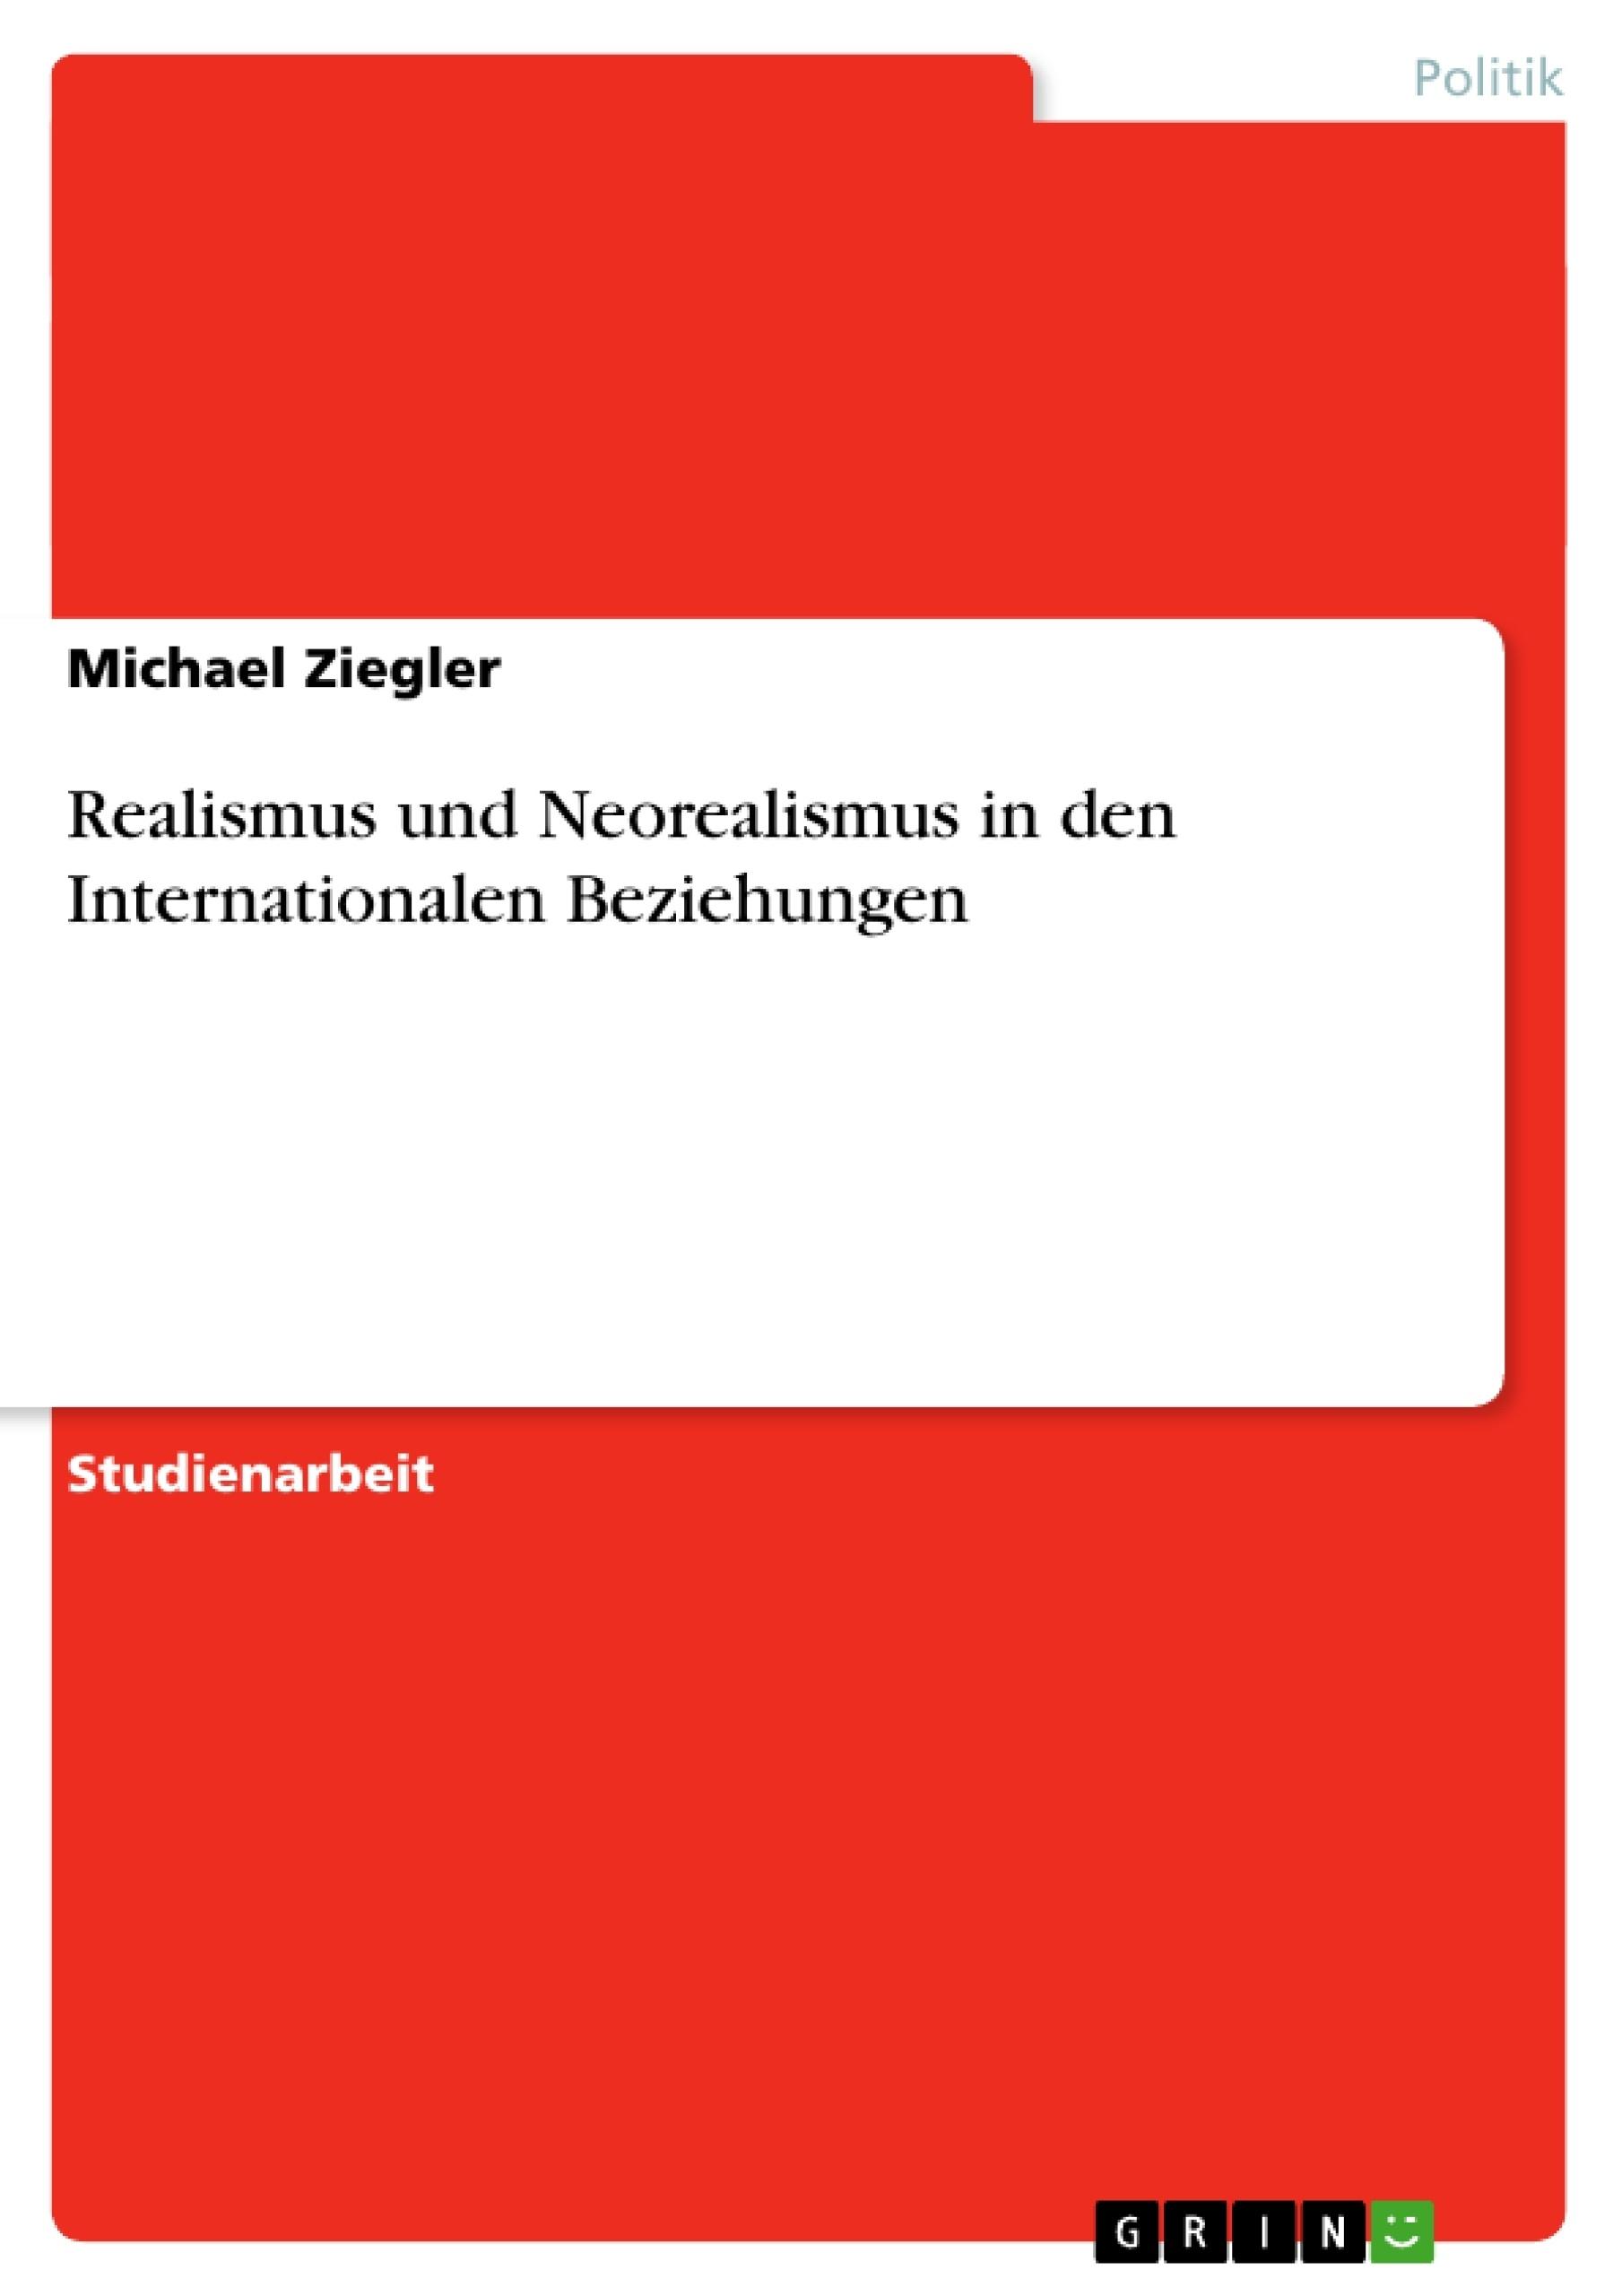 Titel: Realismus und Neorealismus in den Internationalen Beziehungen